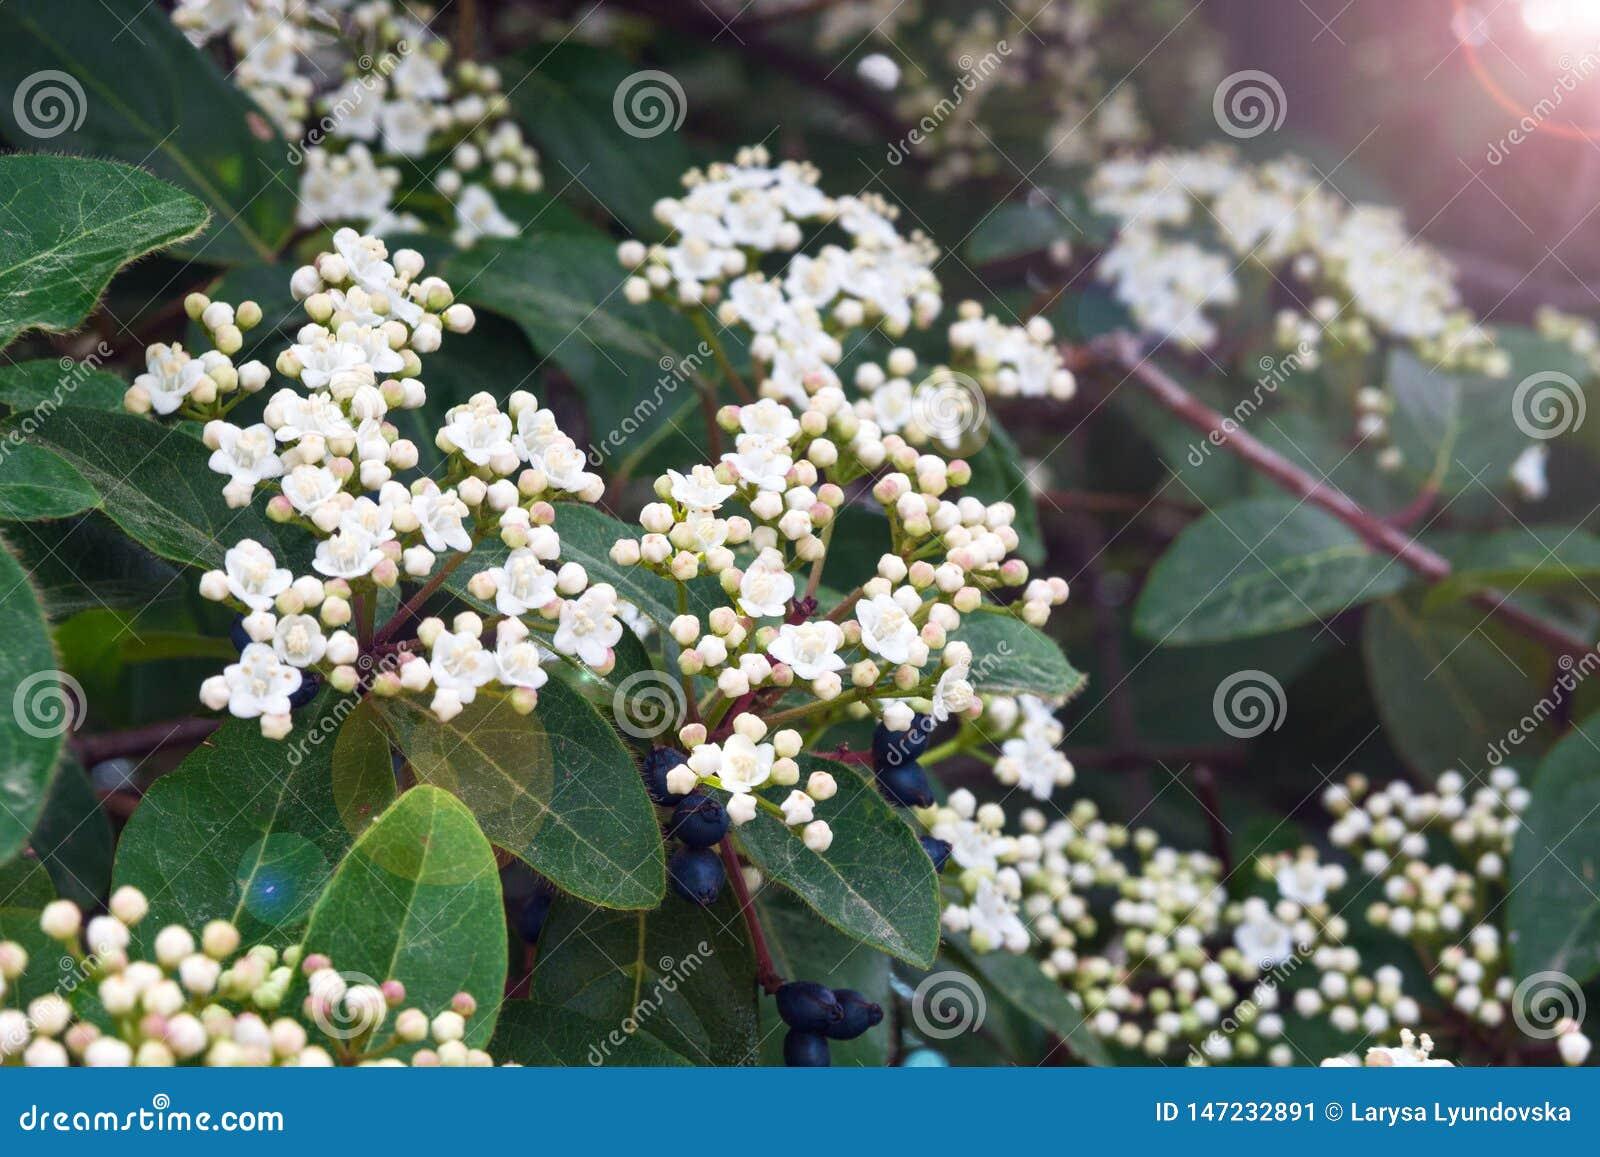 un arbre Martin le 1er Avril 2020 trouvé par Martine Petites-fleurs-blanches-de-tinus-viburnum-laurier-arbre-m-diterran-en-avec-ou-roses-et-baies-noires-147232891